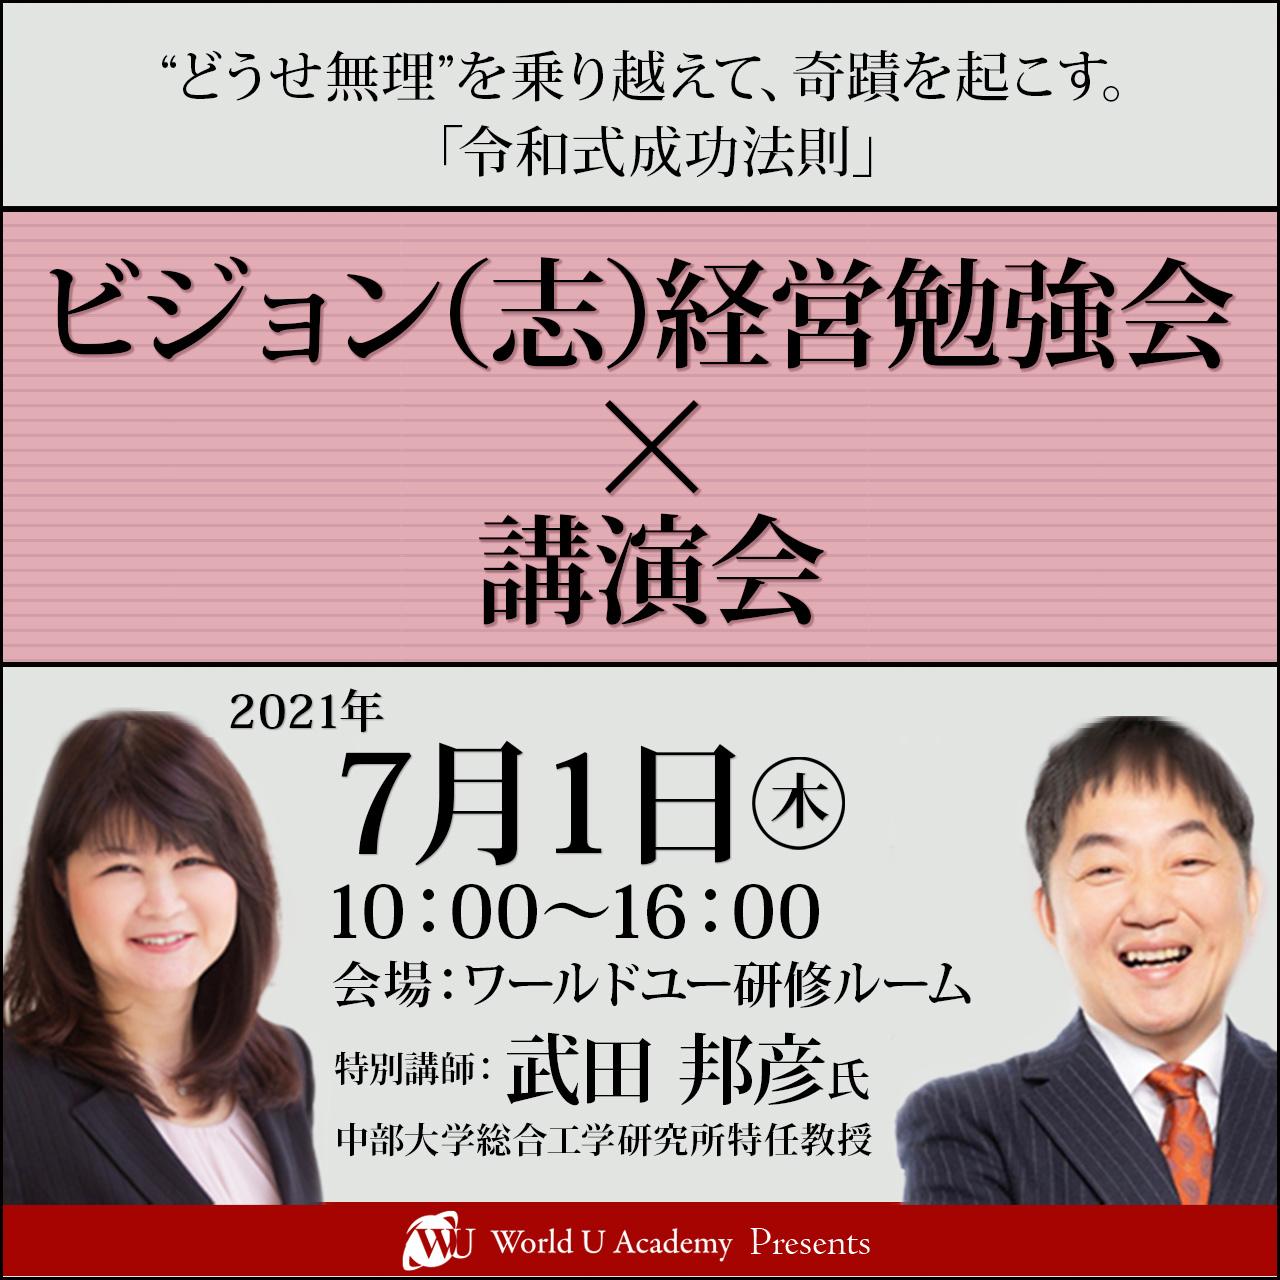 2021年7月1日 ビジョン(志)経営勉強会×講演会